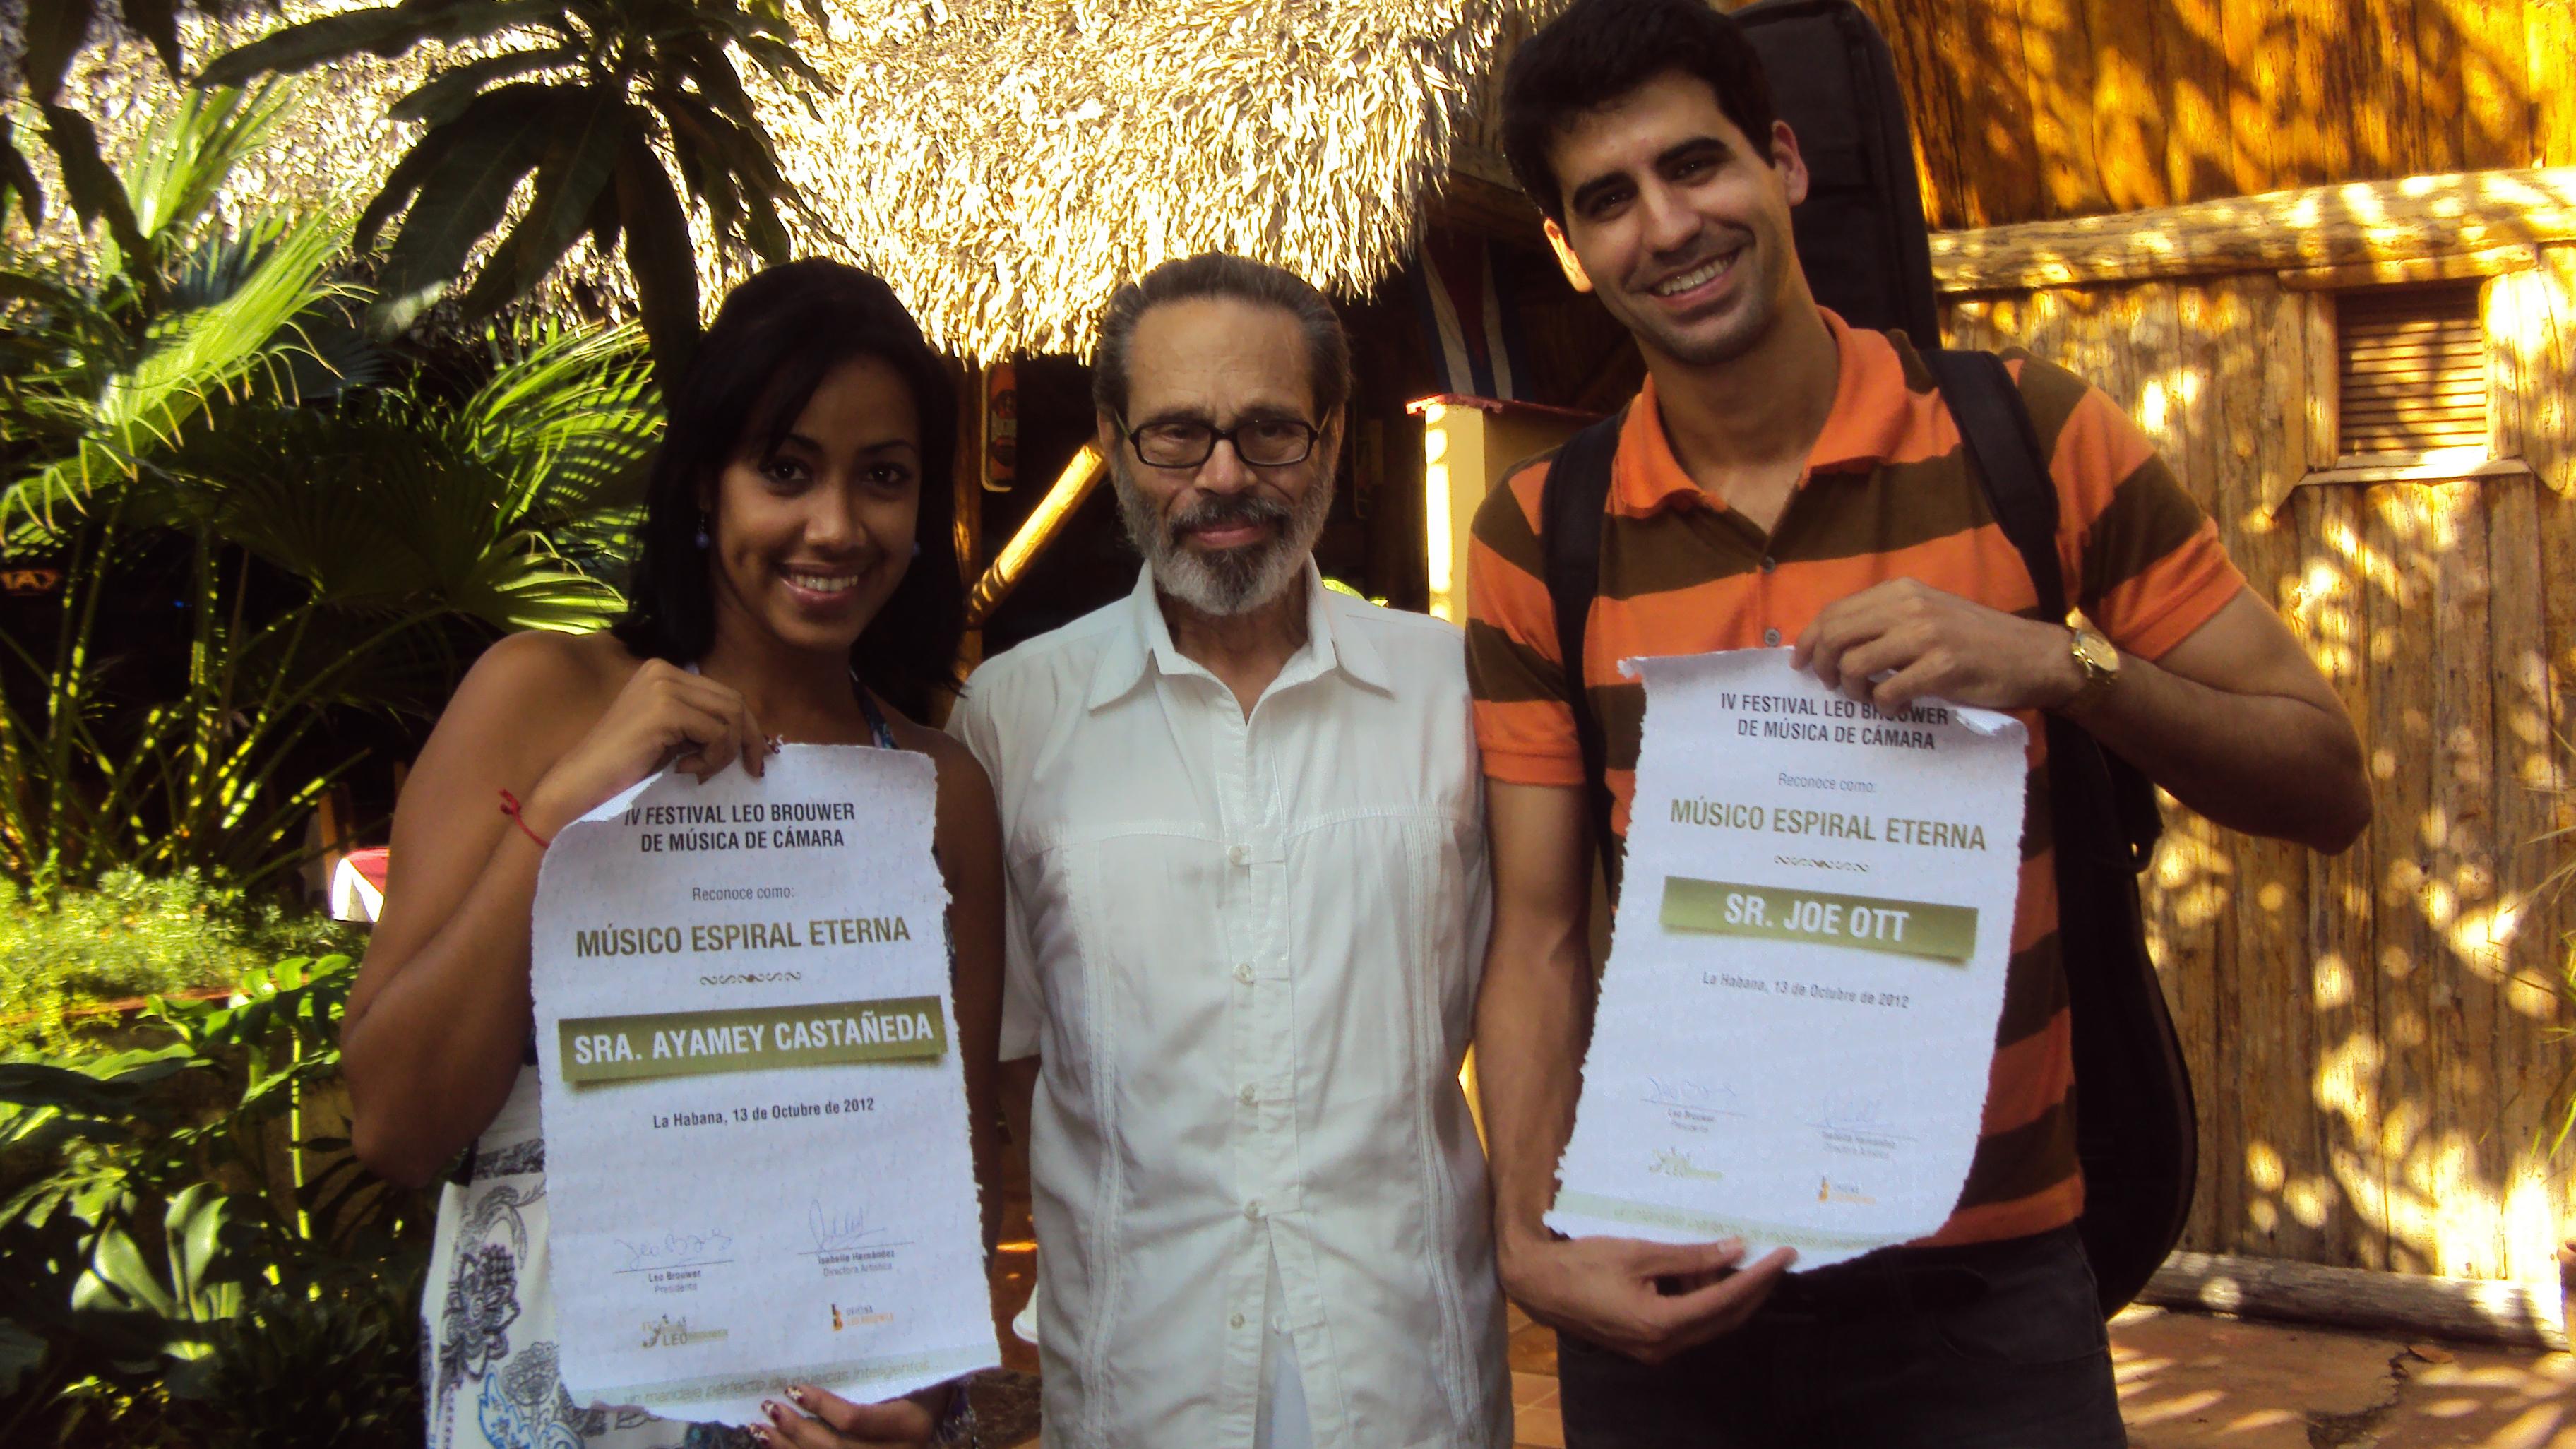 Recibiendo el Premio Músico Espiral